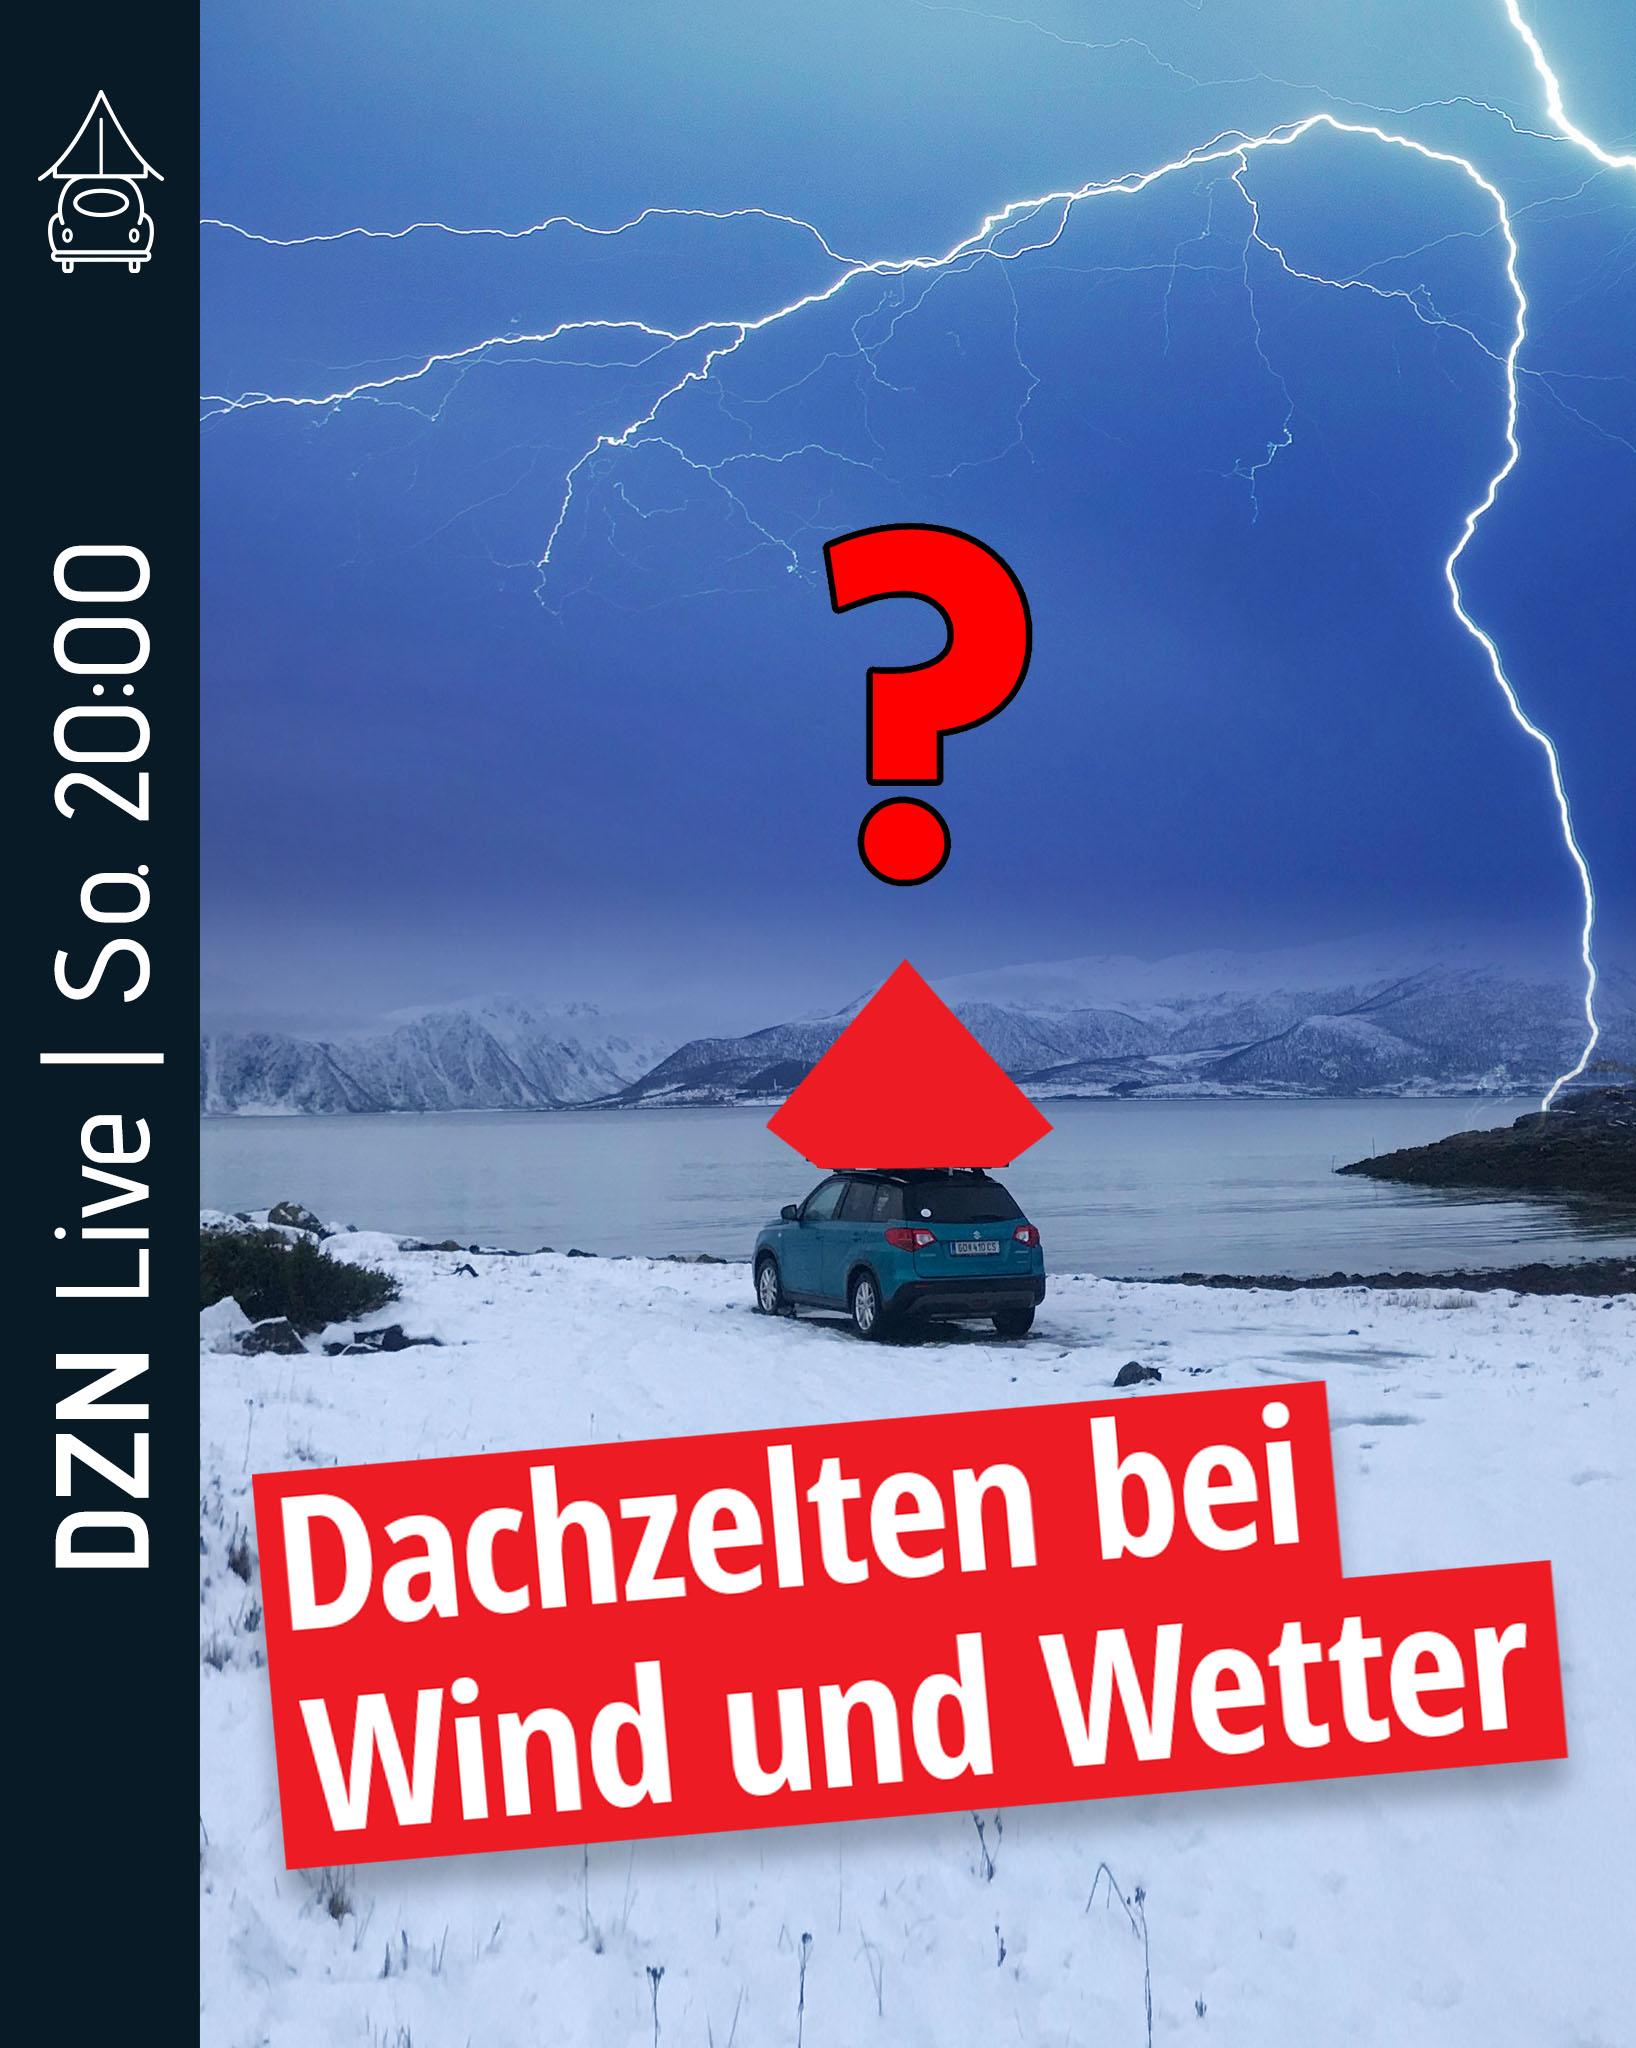 Wochenthema: Dachzelten bei Wind und Wetter